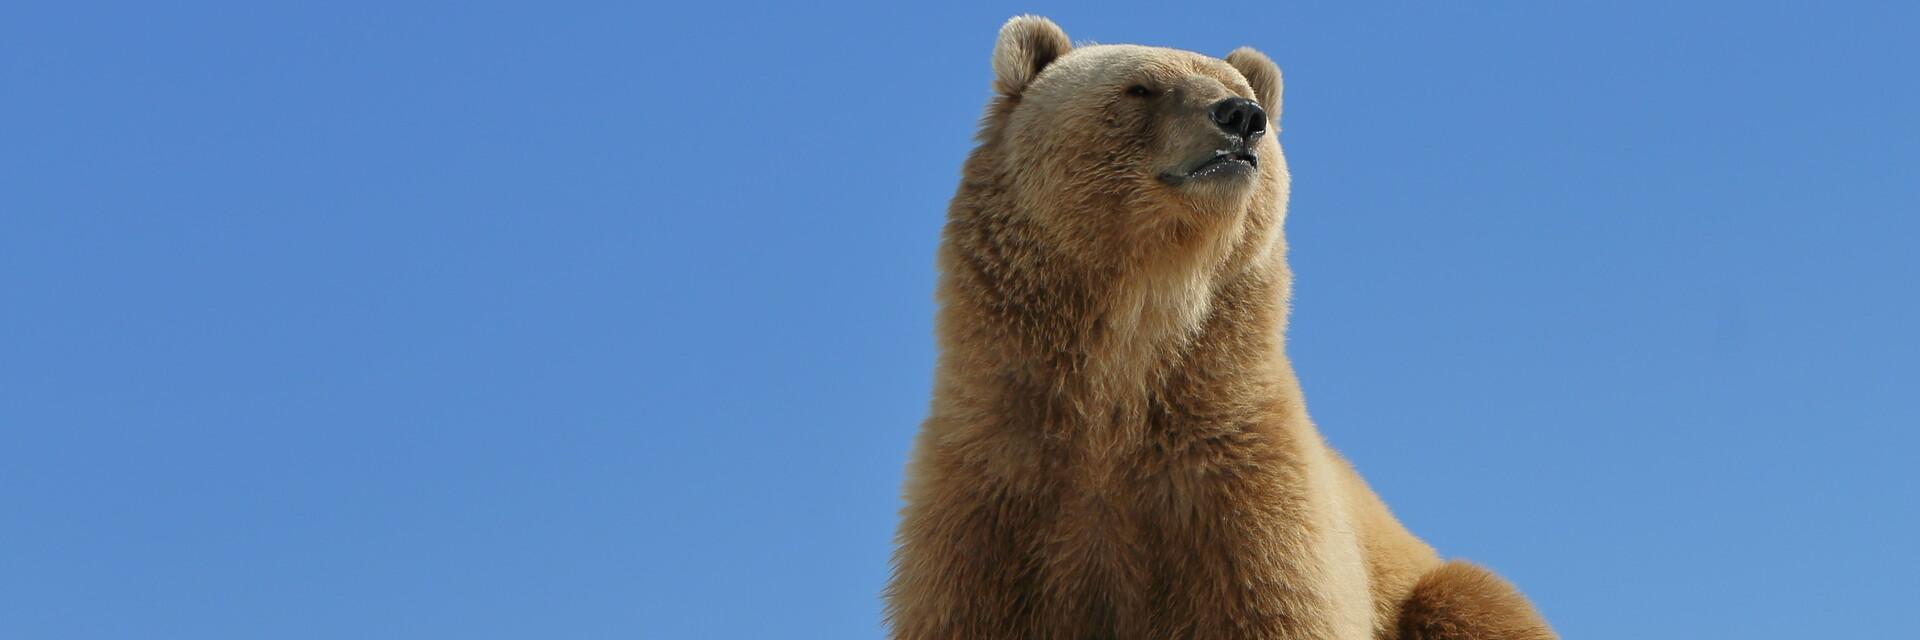 Bear Napa in AROSA